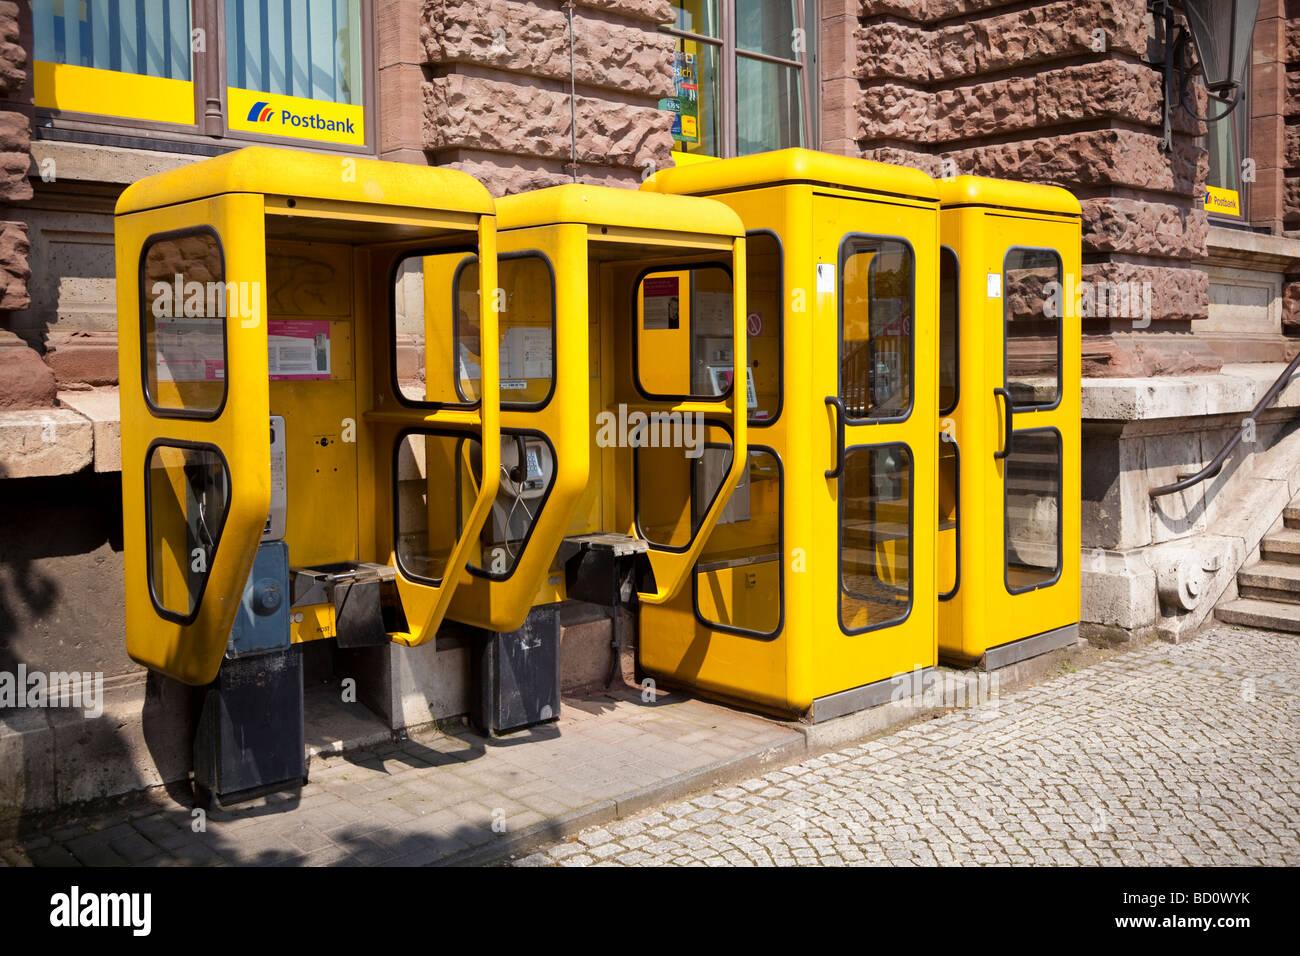 Reihe von Telefonzellen Boxen Deutschland, Europa Stockbild